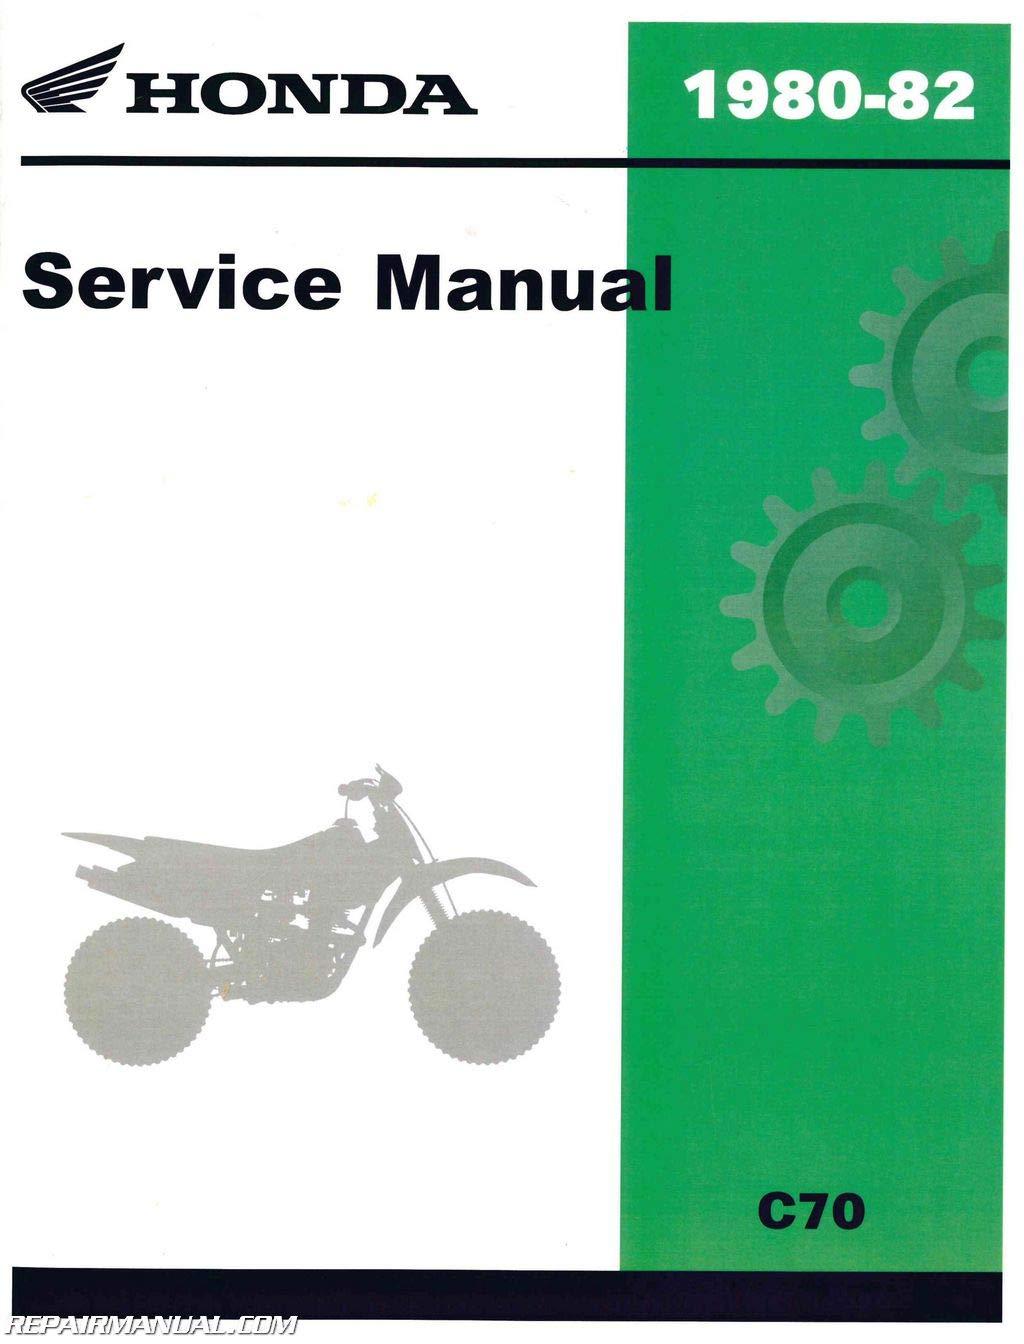 1980 honda c70 wiring 6117401 1980 1982 honda c70 scooter workshop service repair manual  6117401 1980 1982 honda c70 scooter